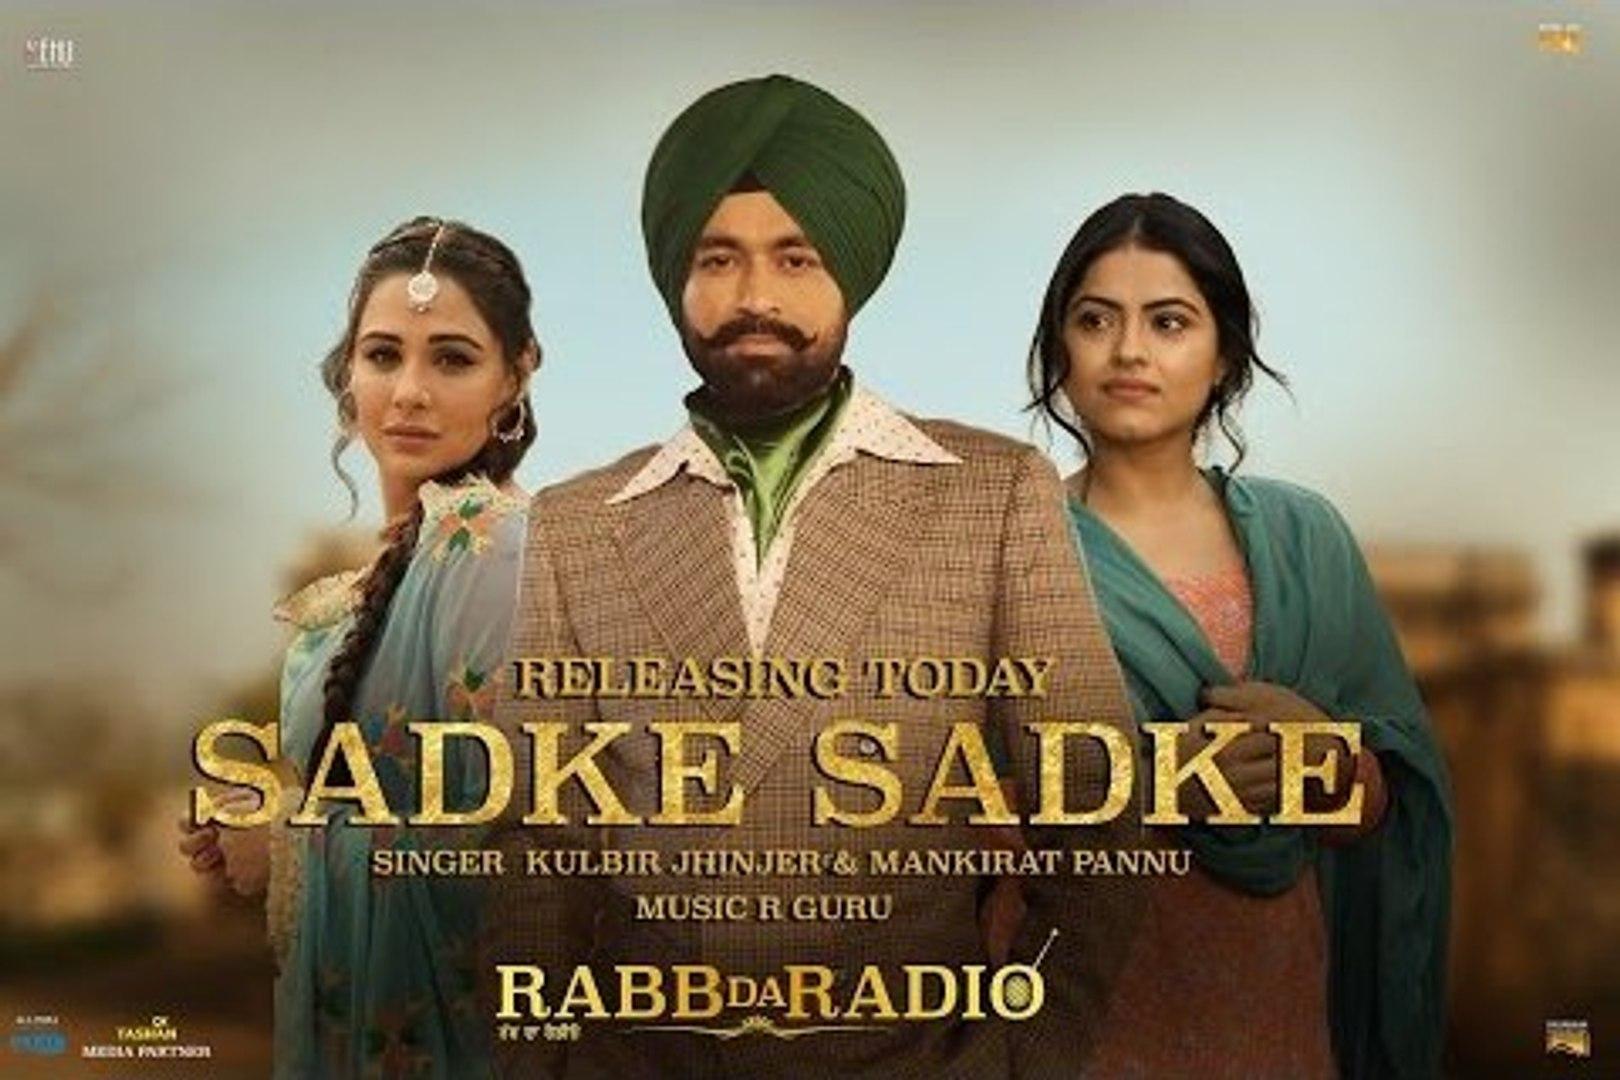 Sadke Sadke Song HD Video Rabb Da Radio 2017 - Tarsem Jassar - Mandy Takhar  - Simi Chahal